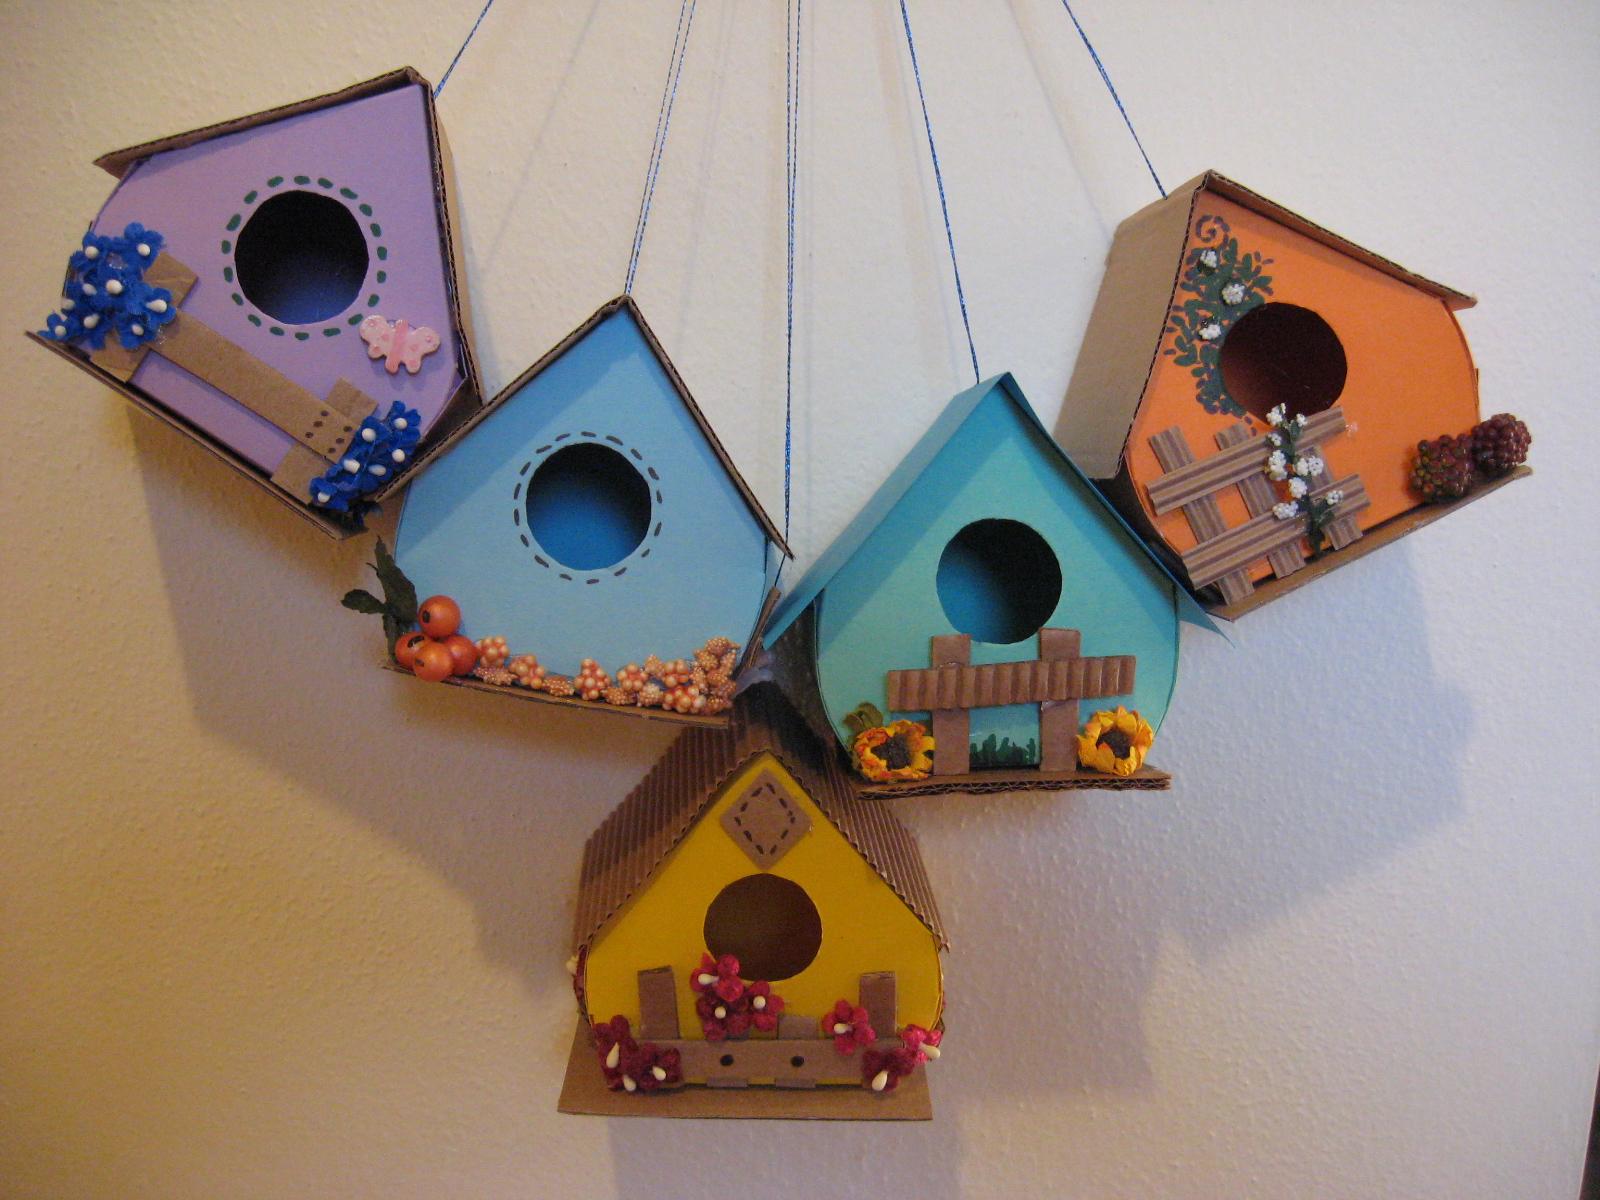 Casette per uccellini da costruire wu97 regardsdefemmes - Casette per uccellini da costruire ...